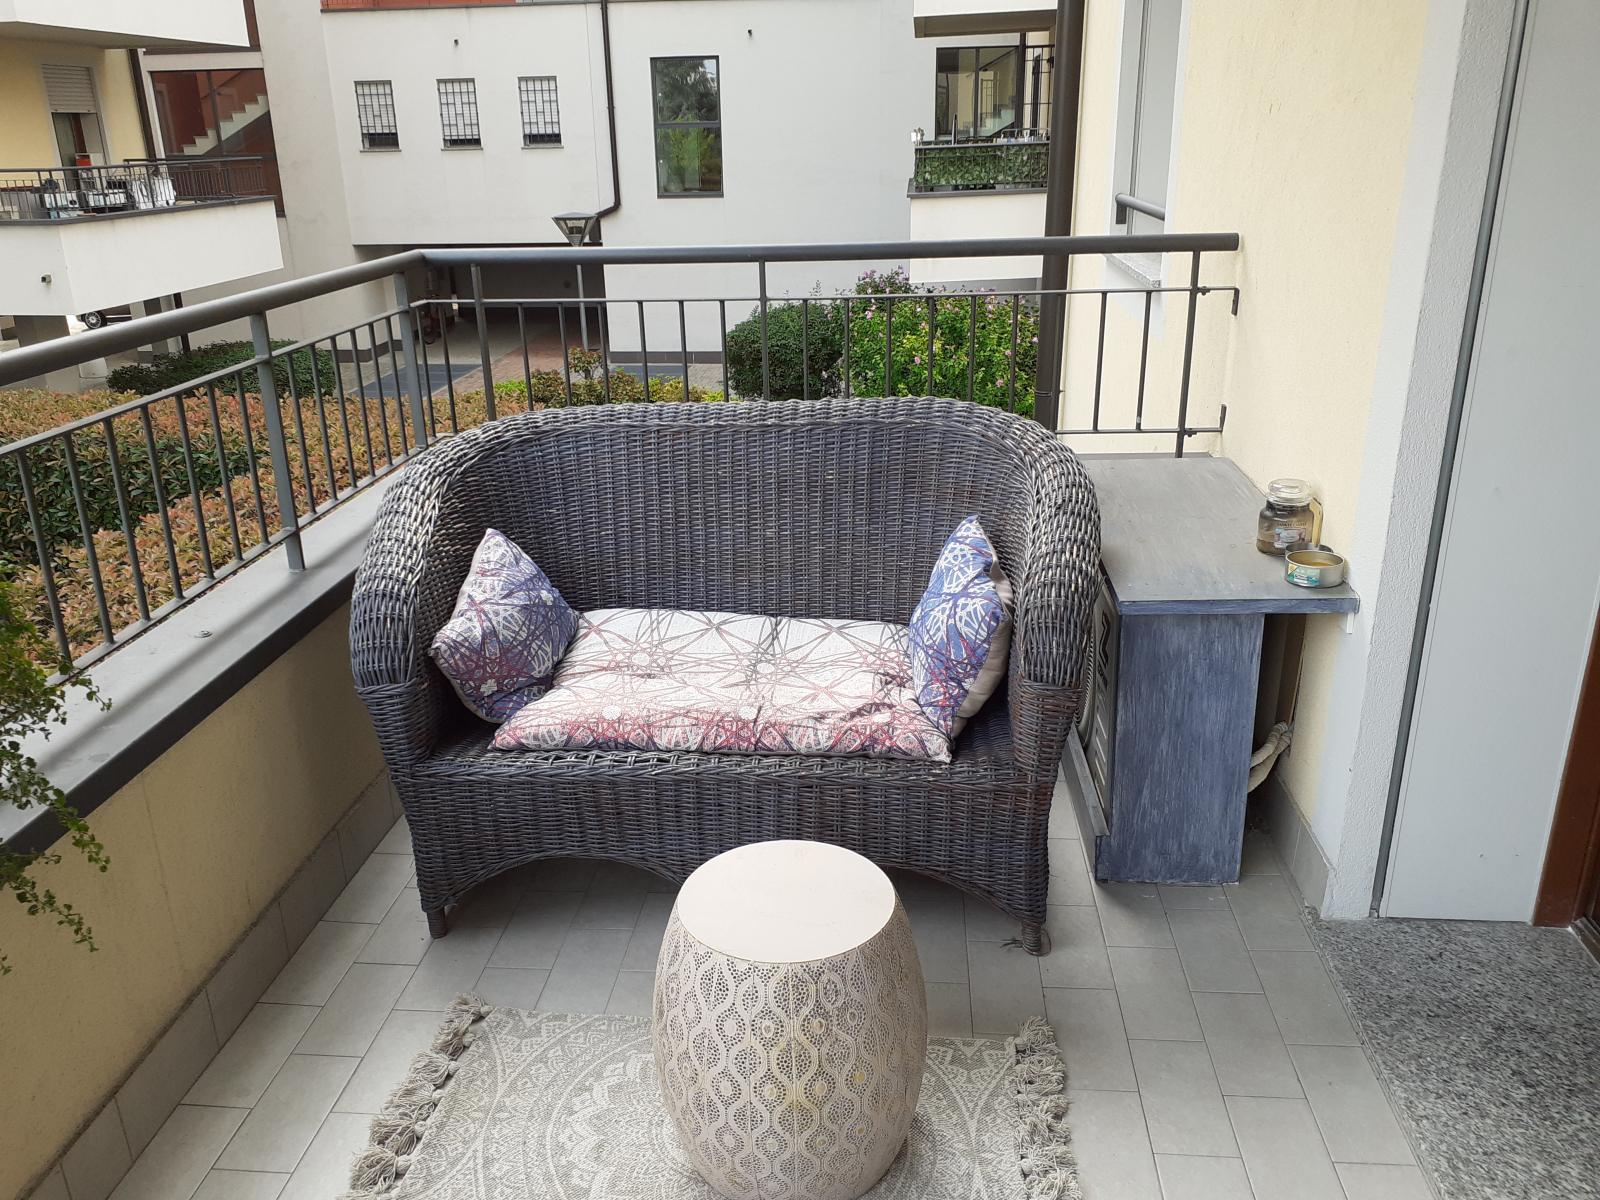 appartamento-open-space-milano-via-broggini-baggio-spaziourbano-immobiliare-vende-14